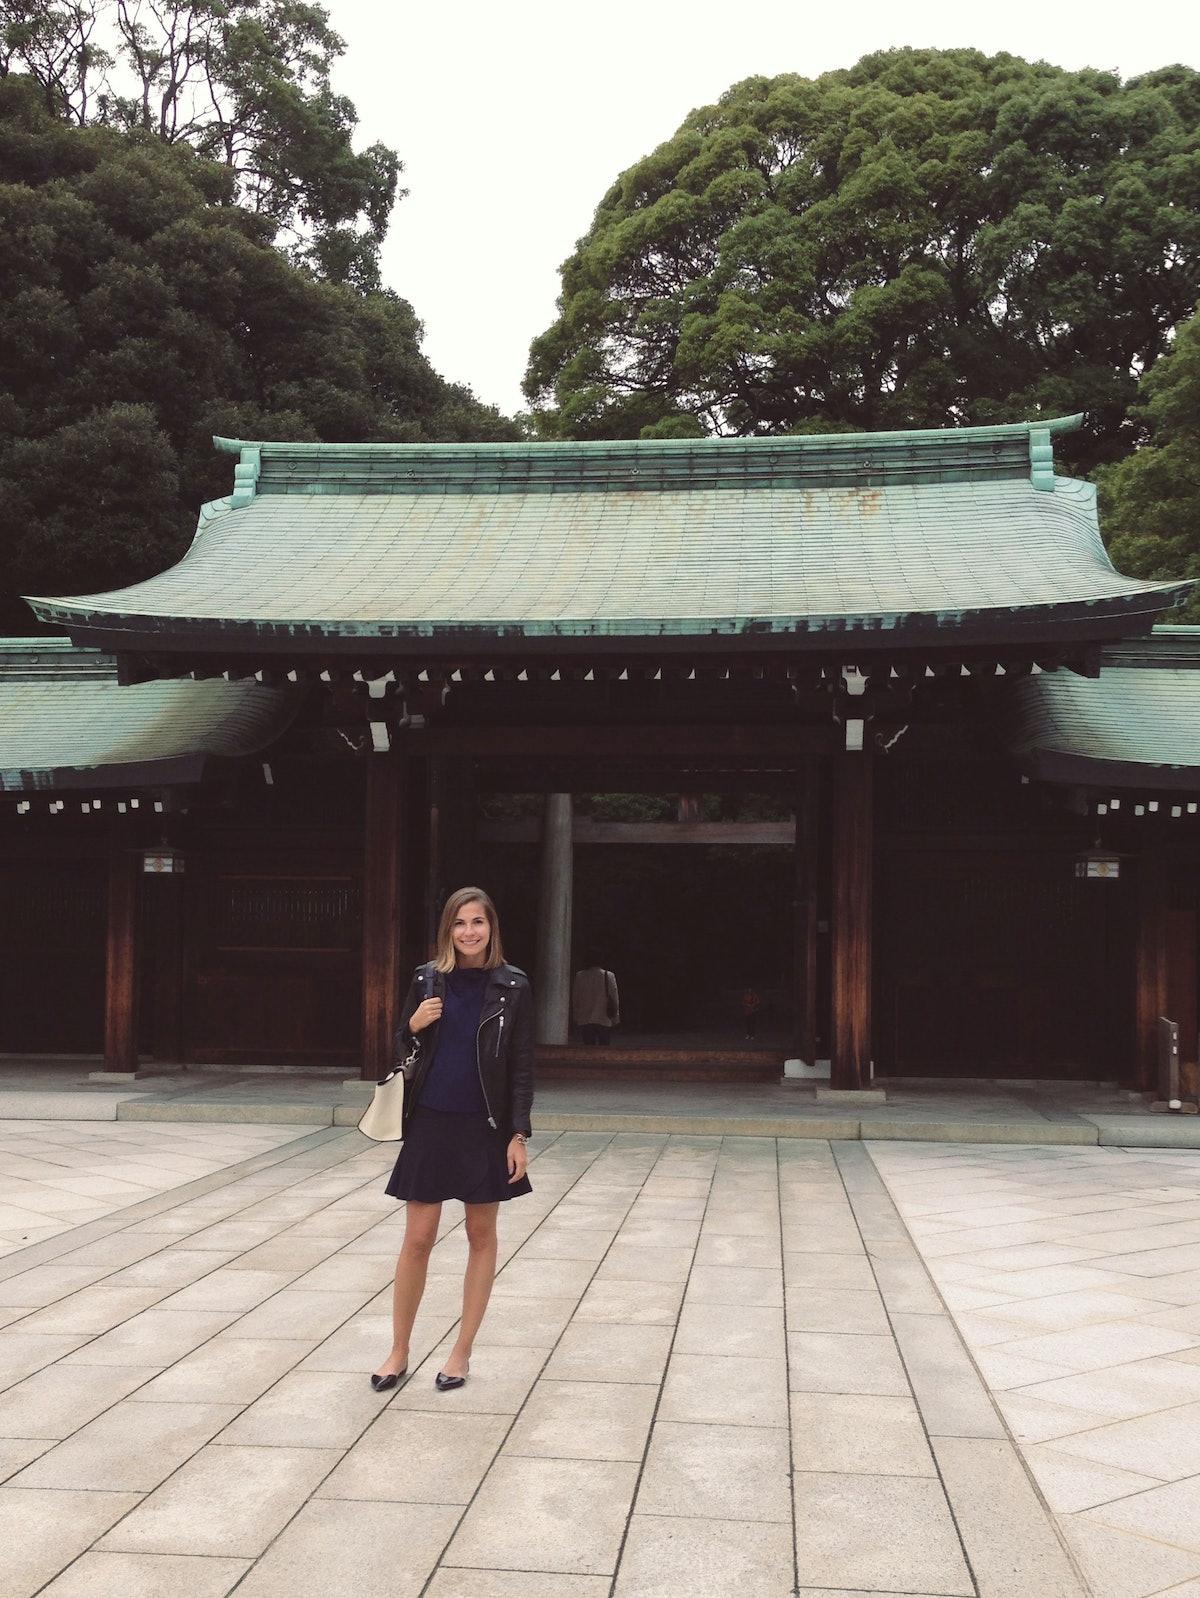 Shinito architecture